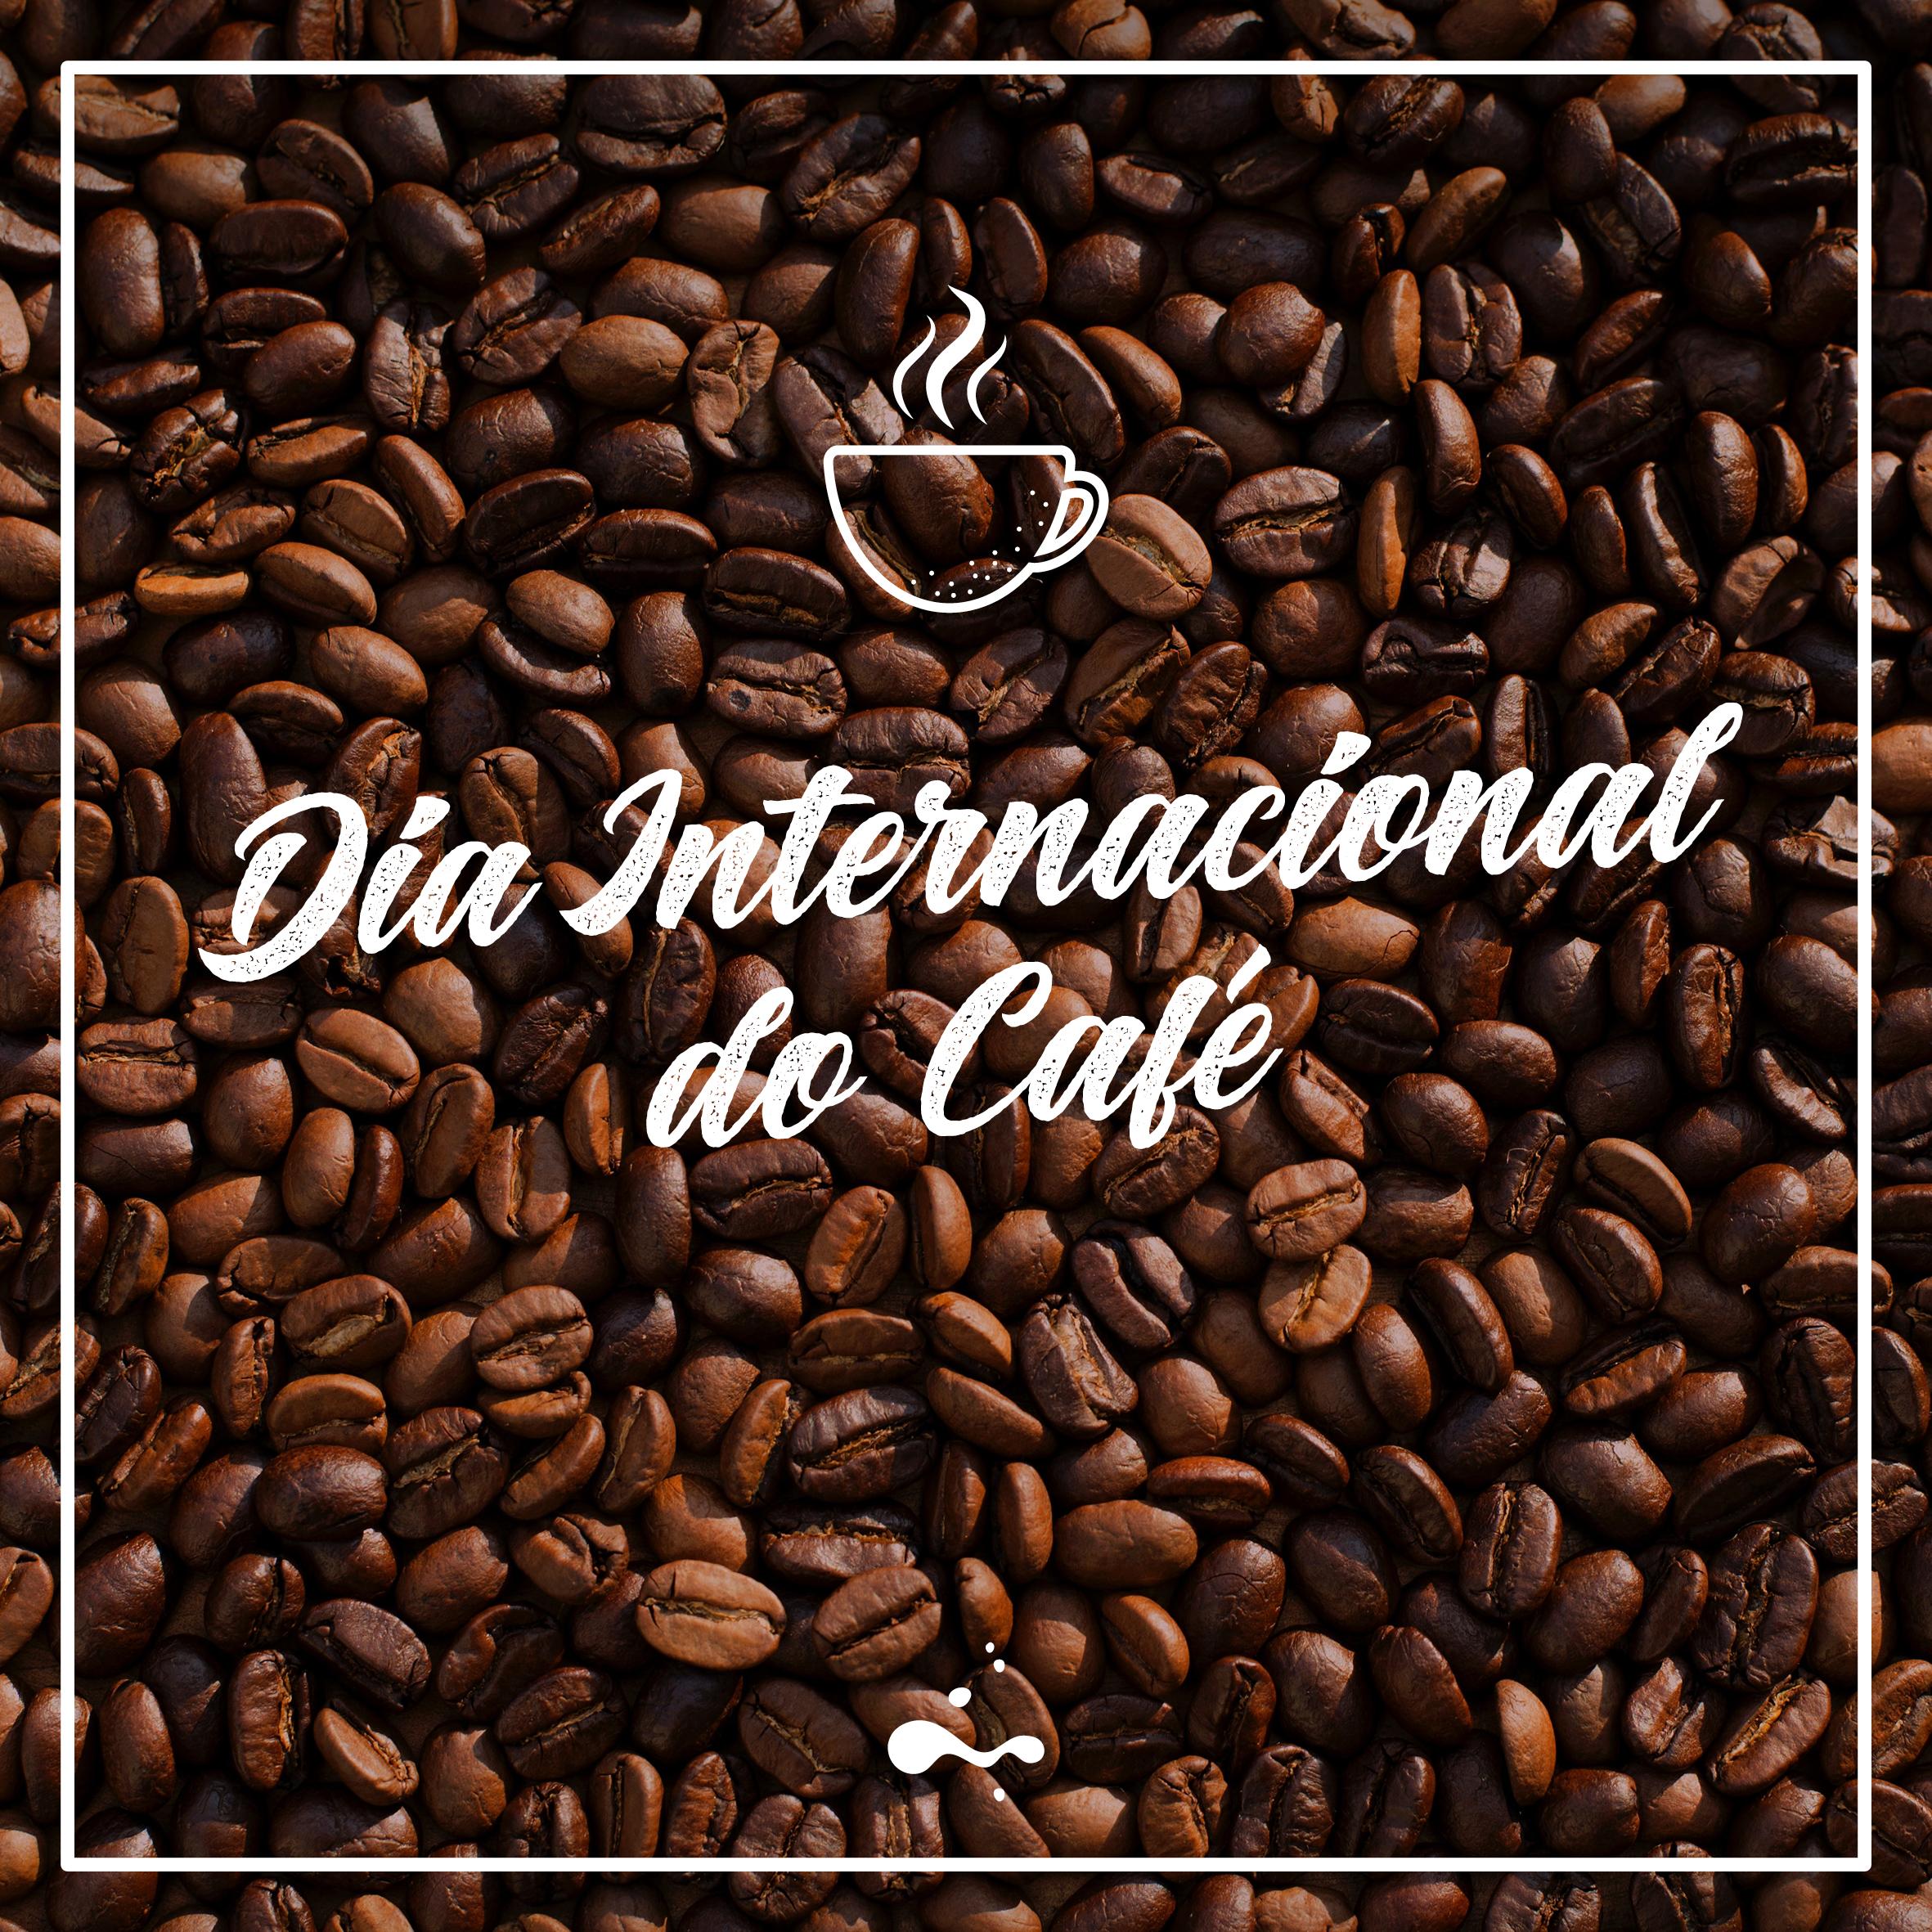 7 Questões sobre Café - Dia internacional do café